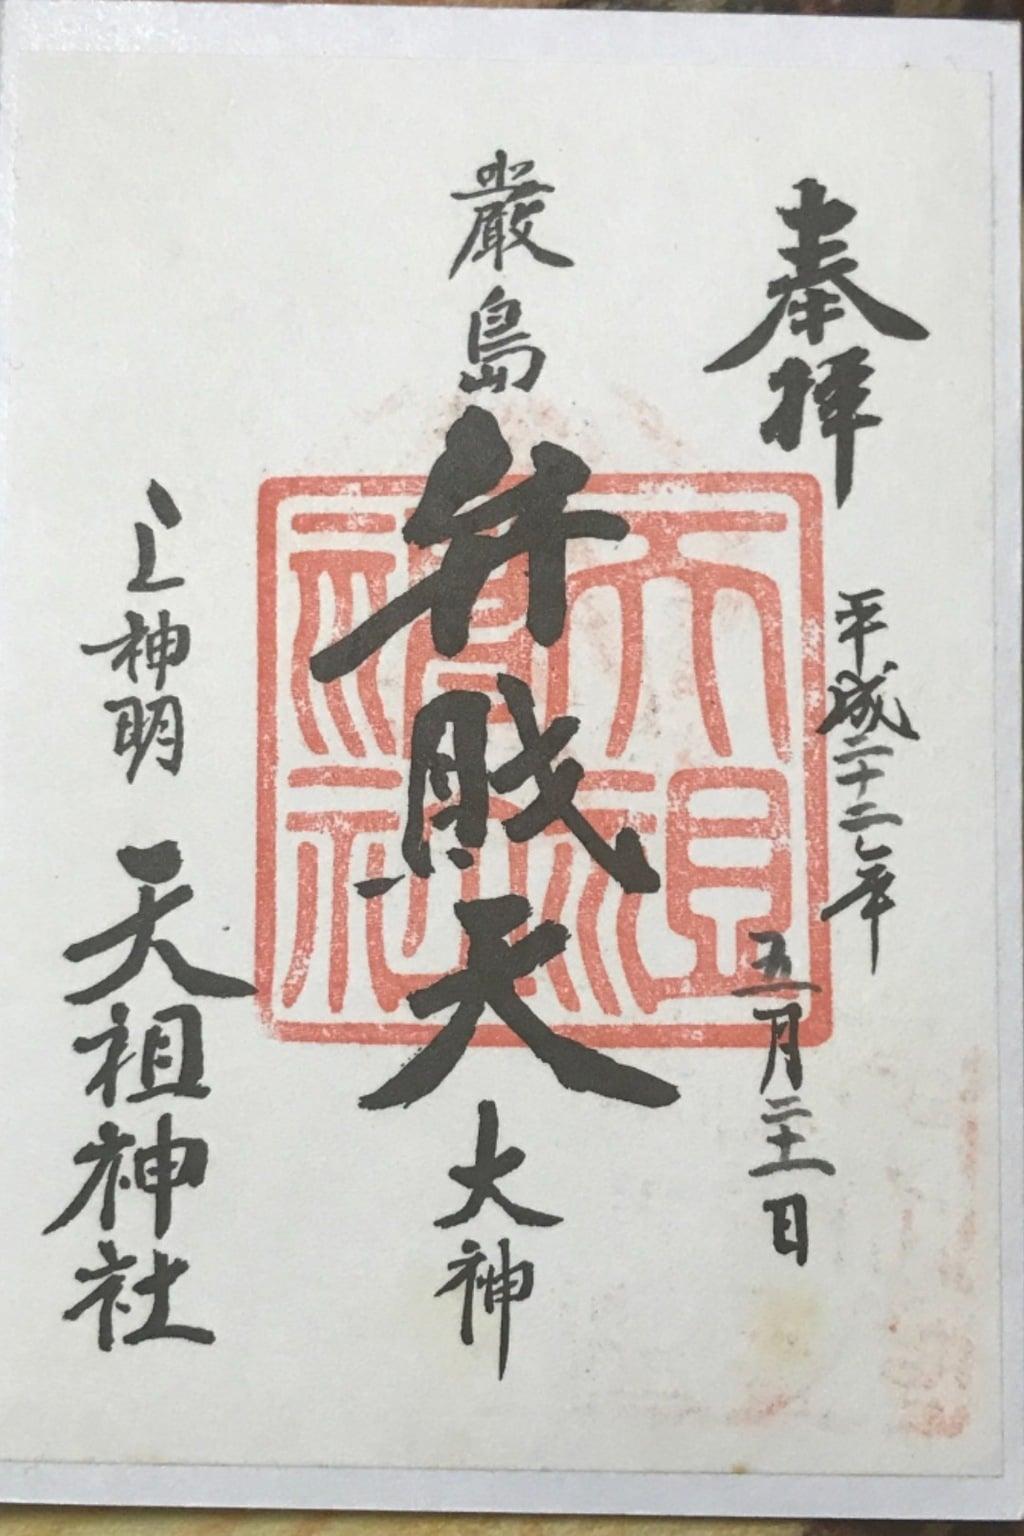 蛇窪神社(上神明天祖神社)の御朱印